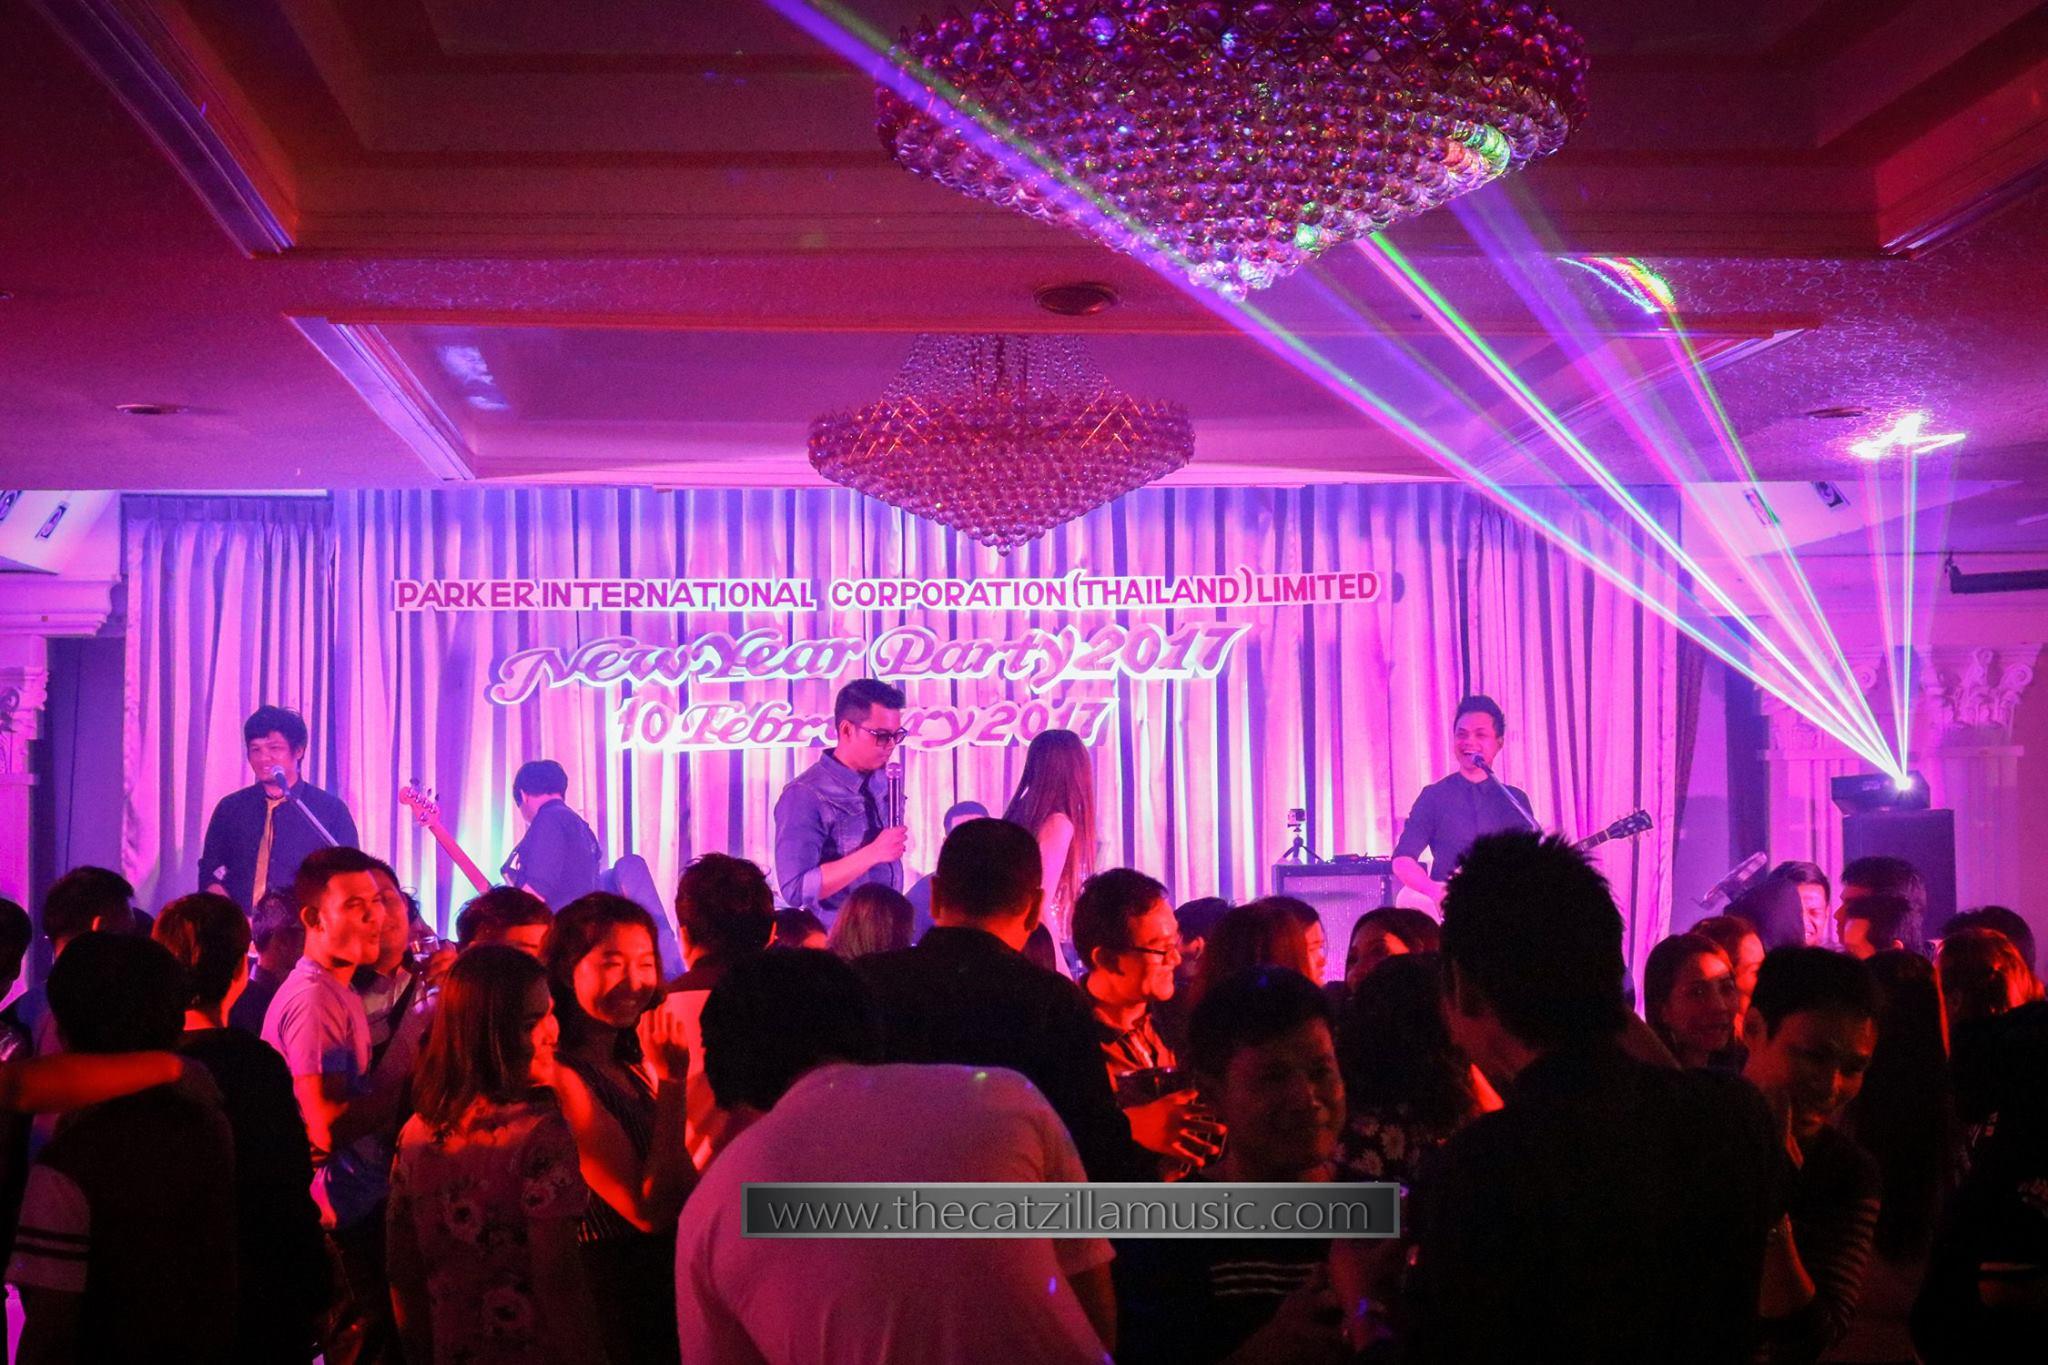 วงดนตรีงานเลี้ยง After Party งานแต่งงาน บุ๋นแบนด์ วงดนตรีสด After party wedding วงดนตรีงานแต่งงาน thecatzillamusic Avana 12